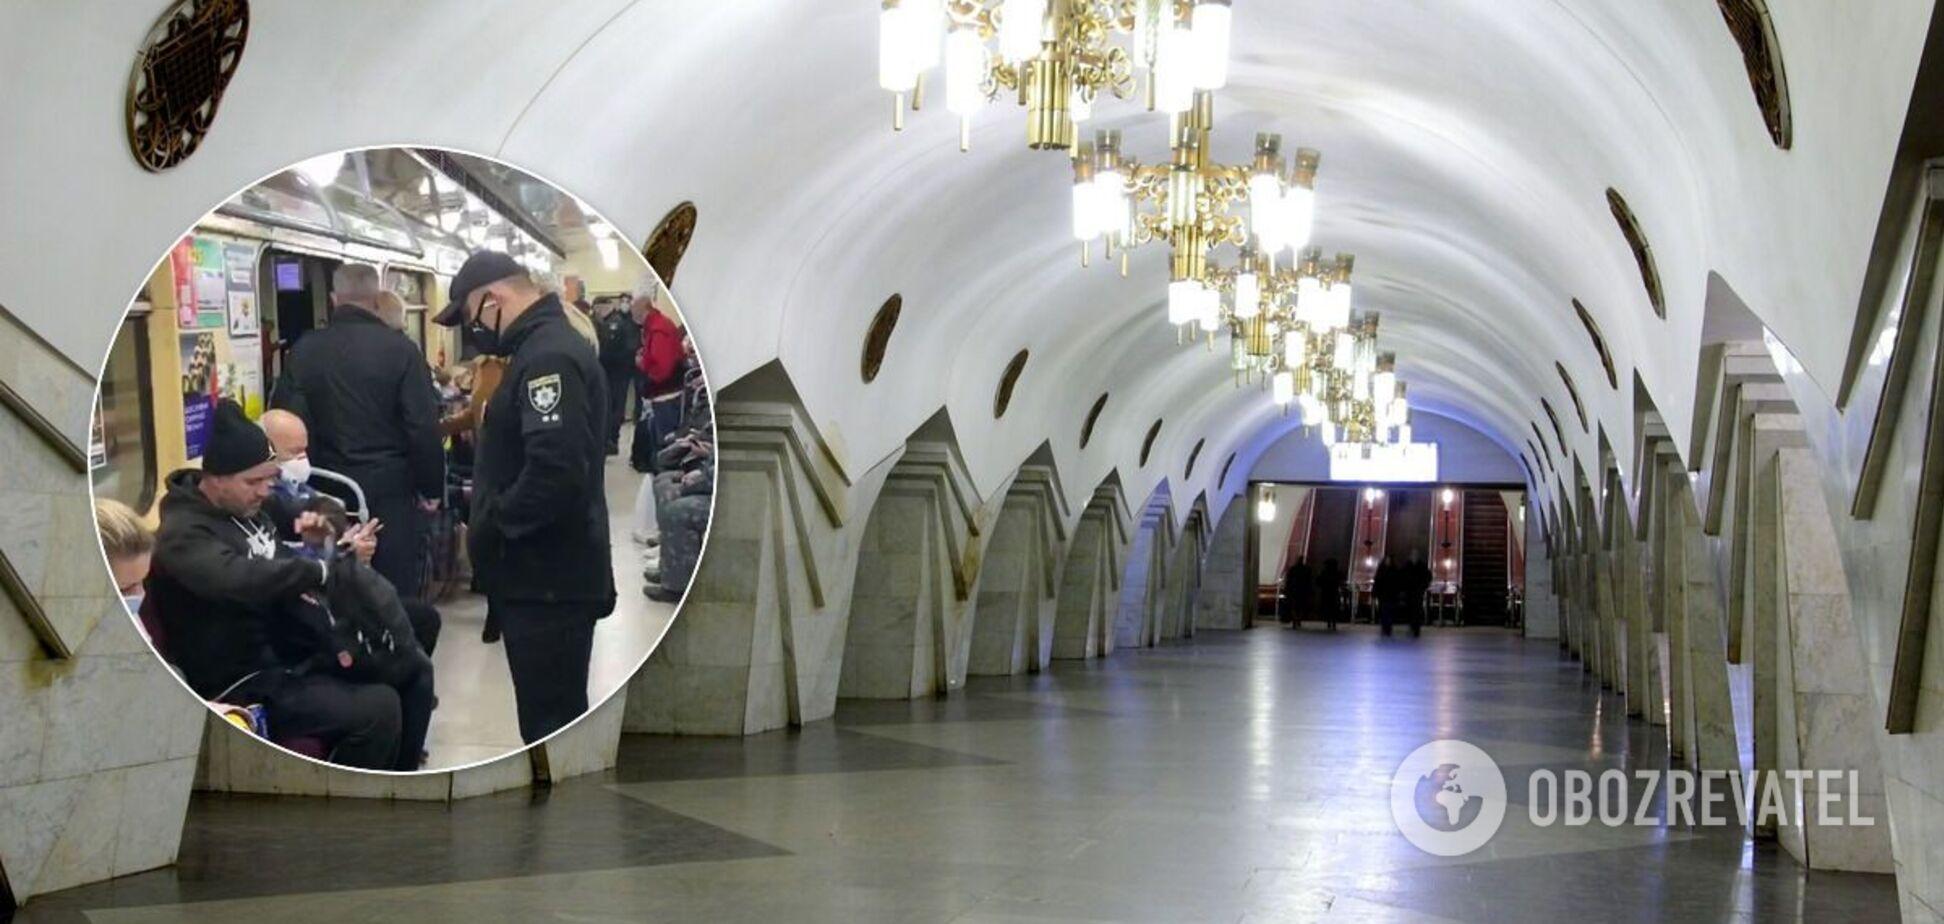 Из Харьковского метро вывели мужчину без маски